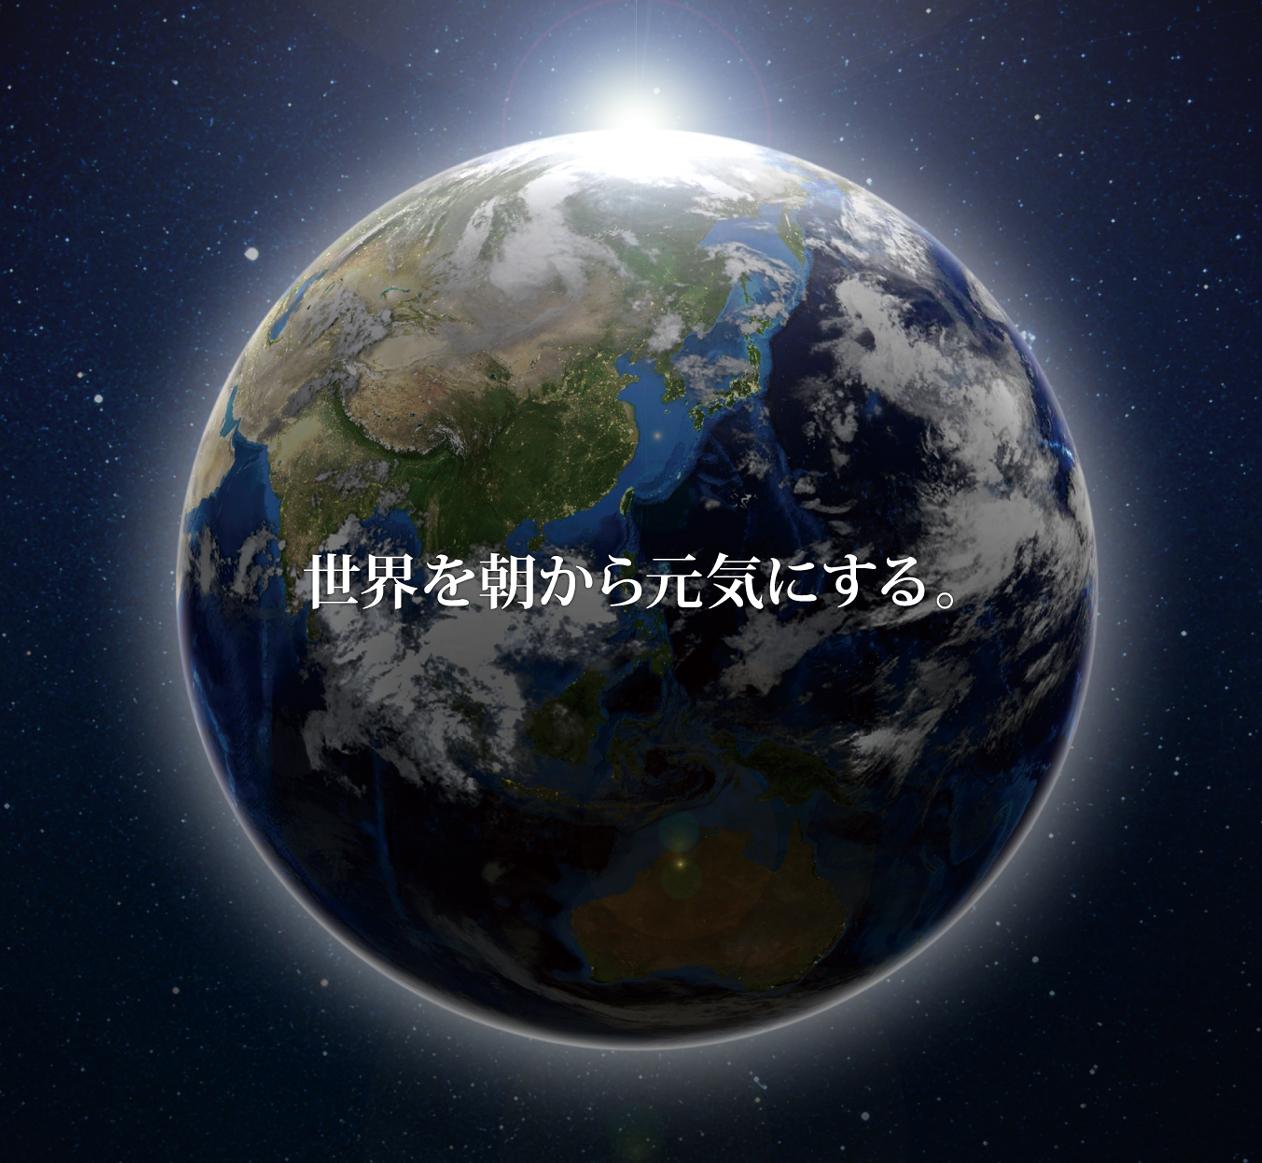 世界を朝から元気にする・Futonto株式会社